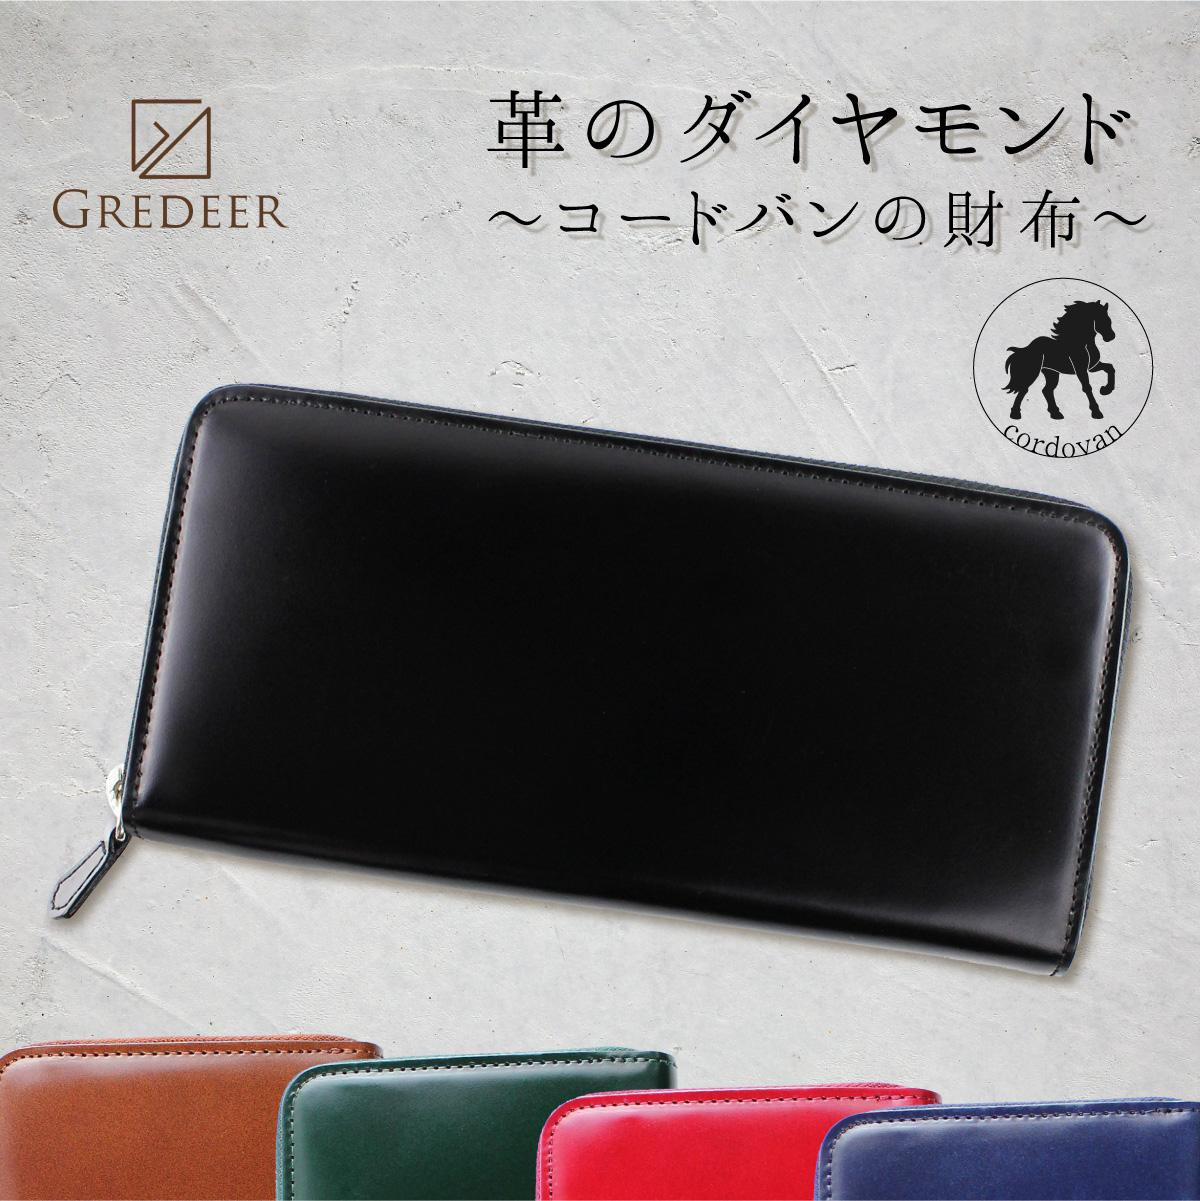 馬革(コードバン)のプレミアム財布 GREDEER コードバン ラウンドファスナー長財布 【カラー:ブラック】